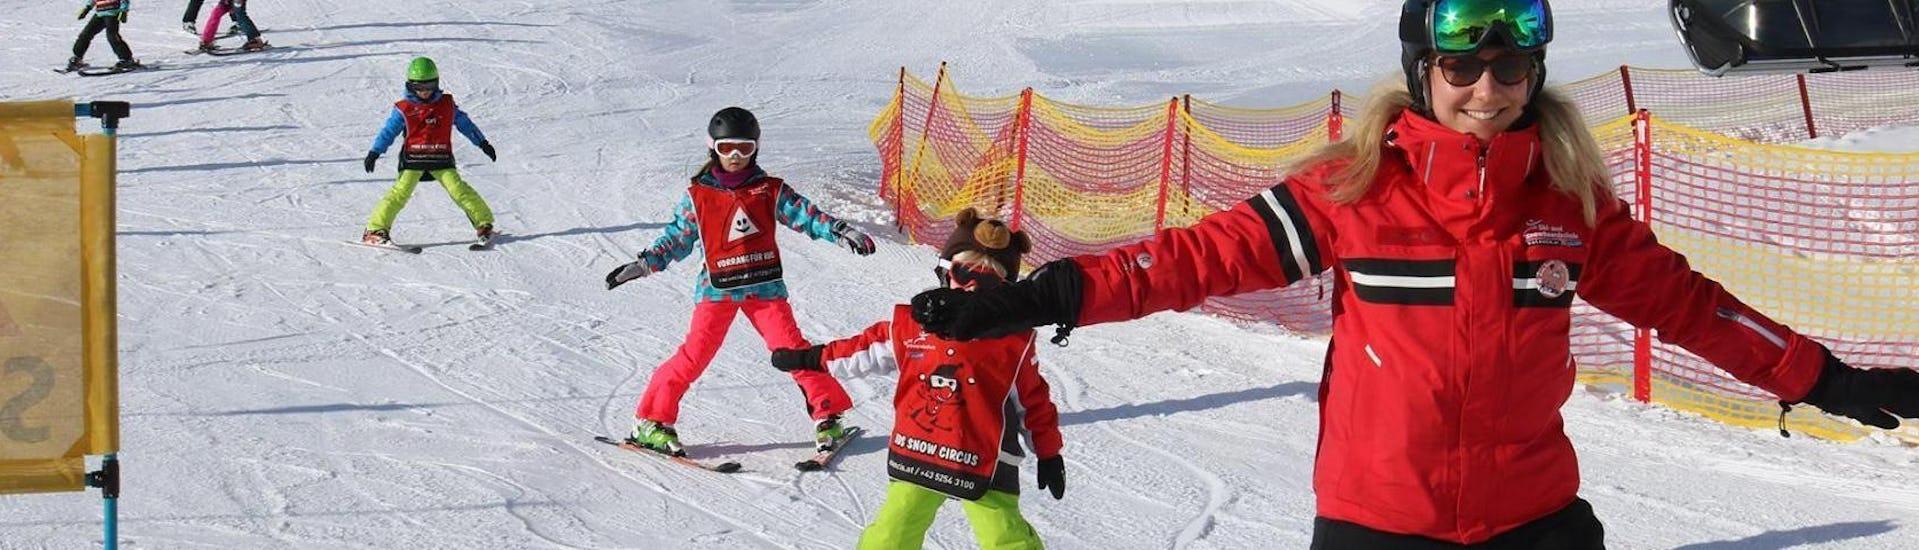 """Eine Gruppe Kinder übt während der von der Ski- und Snowboardschule Vacancia organisierten Aktivität Kinder Skikurs """"All-Inclusive"""" (4-8 Jahre) - Alle Levels das Skifahren im Schneepflug."""